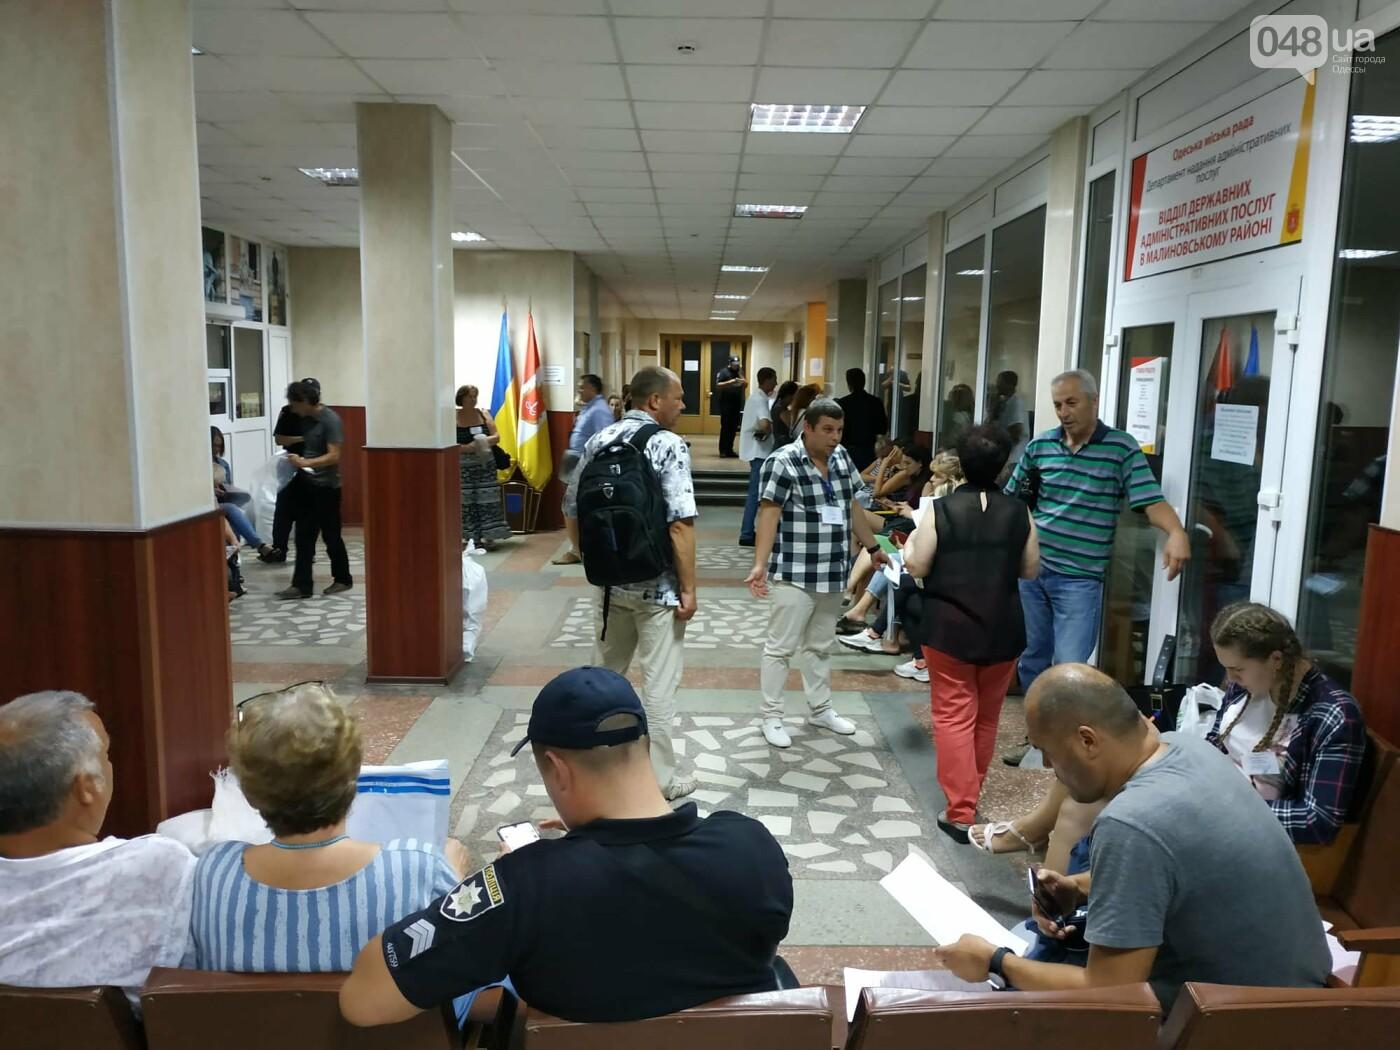 Как прошла ночь в ОИК в Одессе: полиция закрывает глаза на нарушения, - ФОТО, фото-9